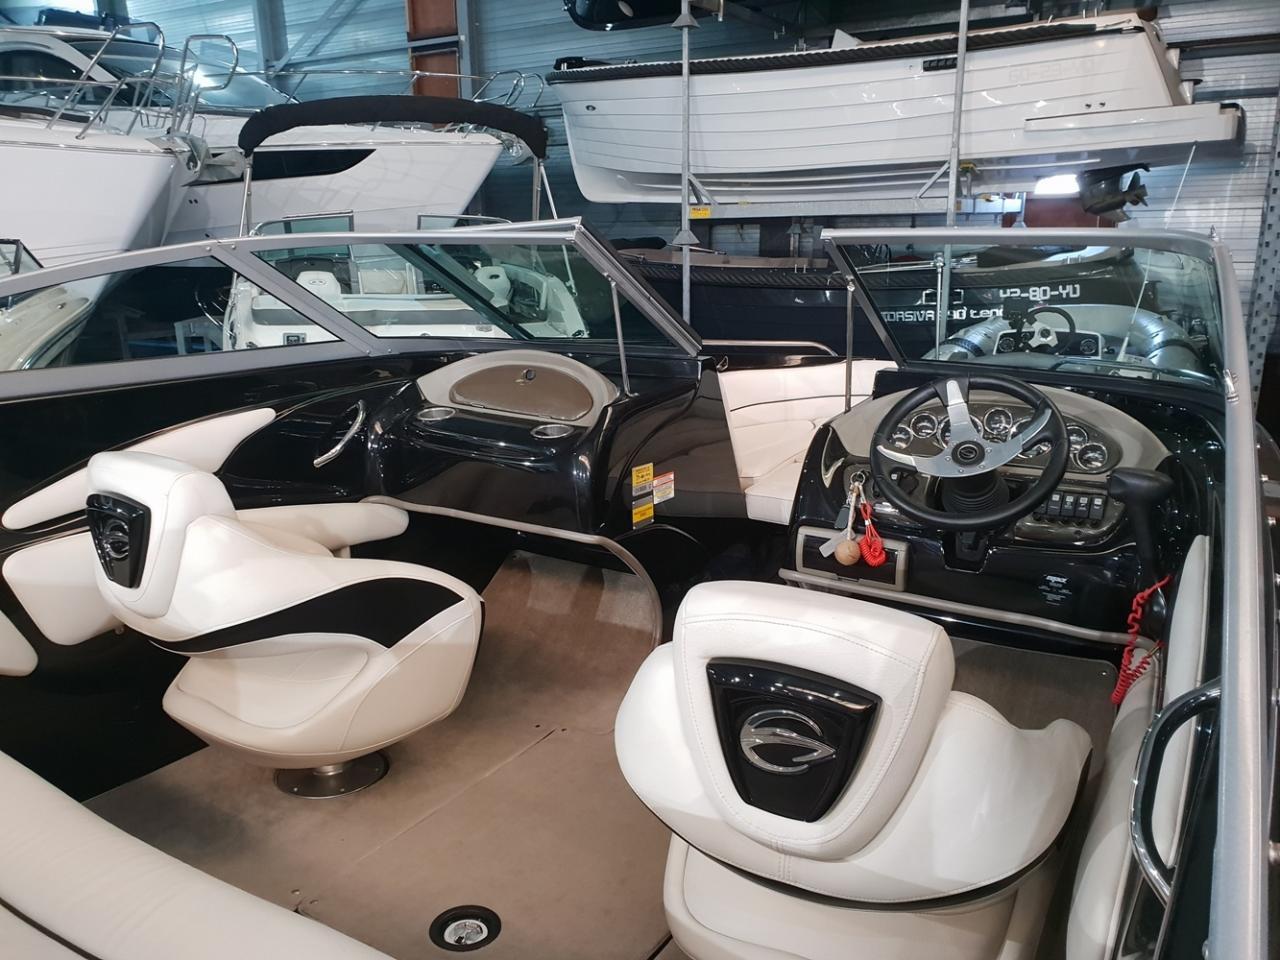 Crownline speedboot met Mercruiser 5 liter V8 motor 3